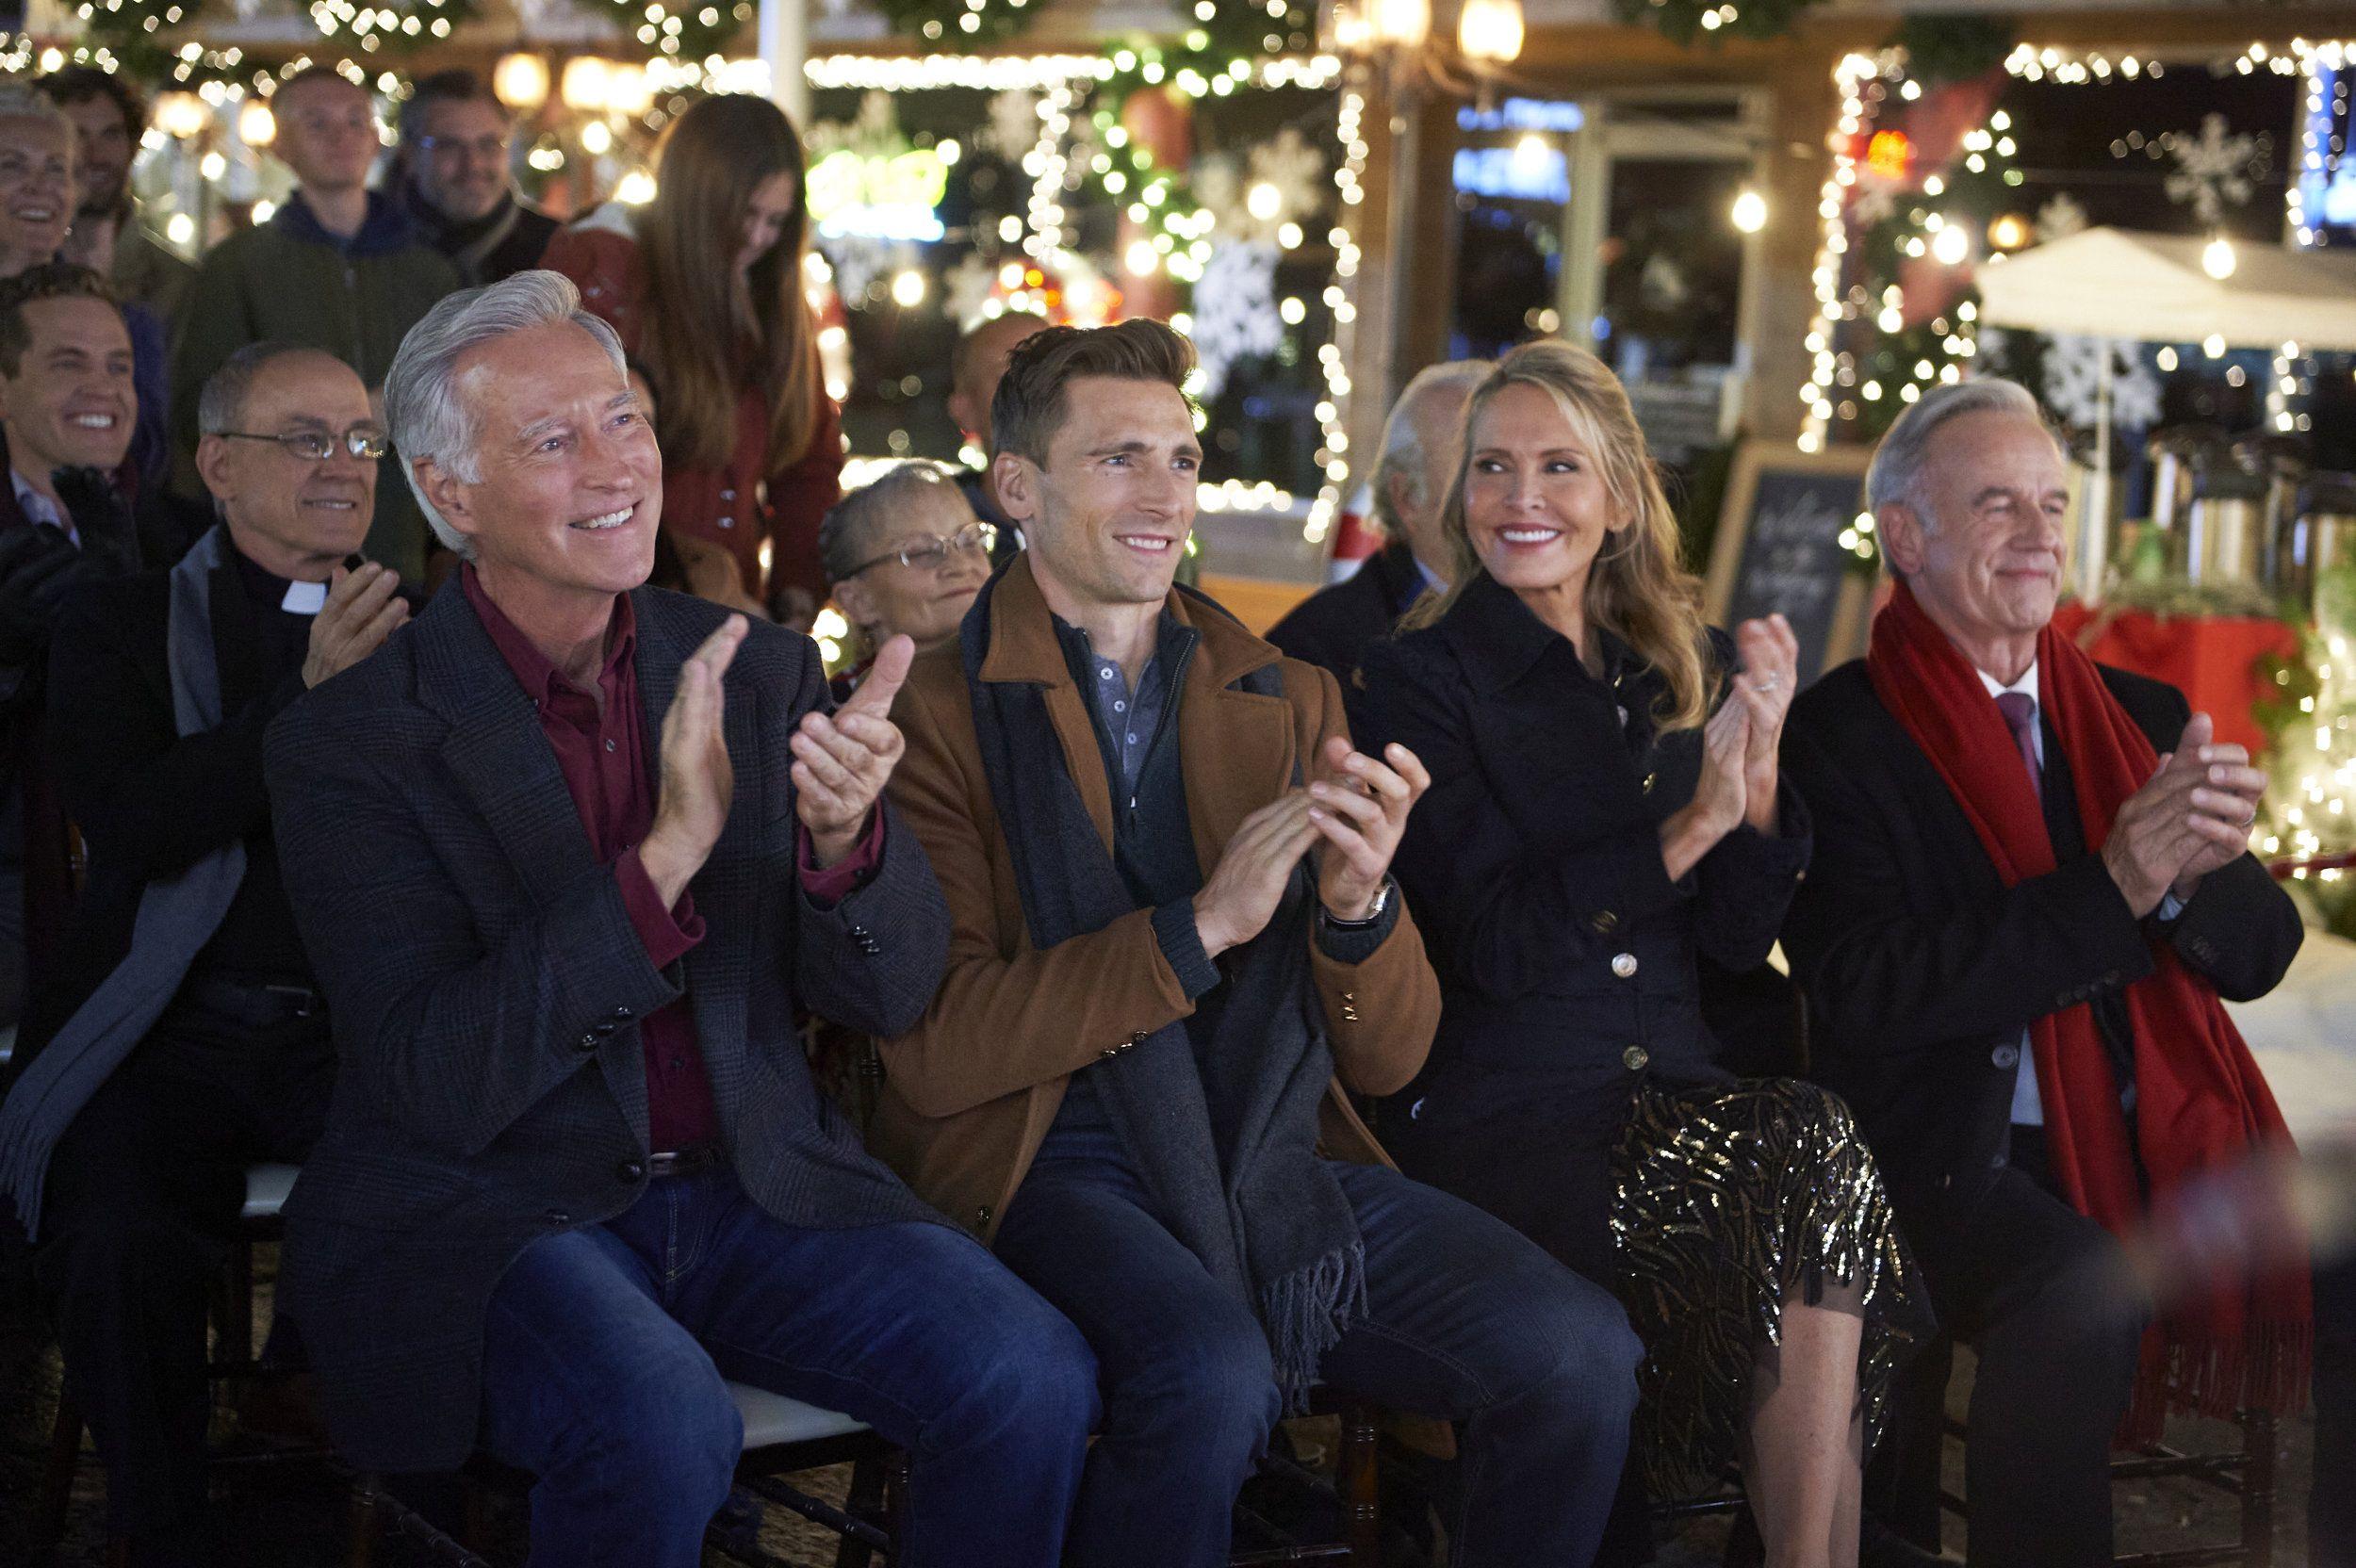 Preview Sneak Peek Christmas Tree Lane In 2020 Hallmark Christmas Movies Sneak Peek Hallmark Christmas